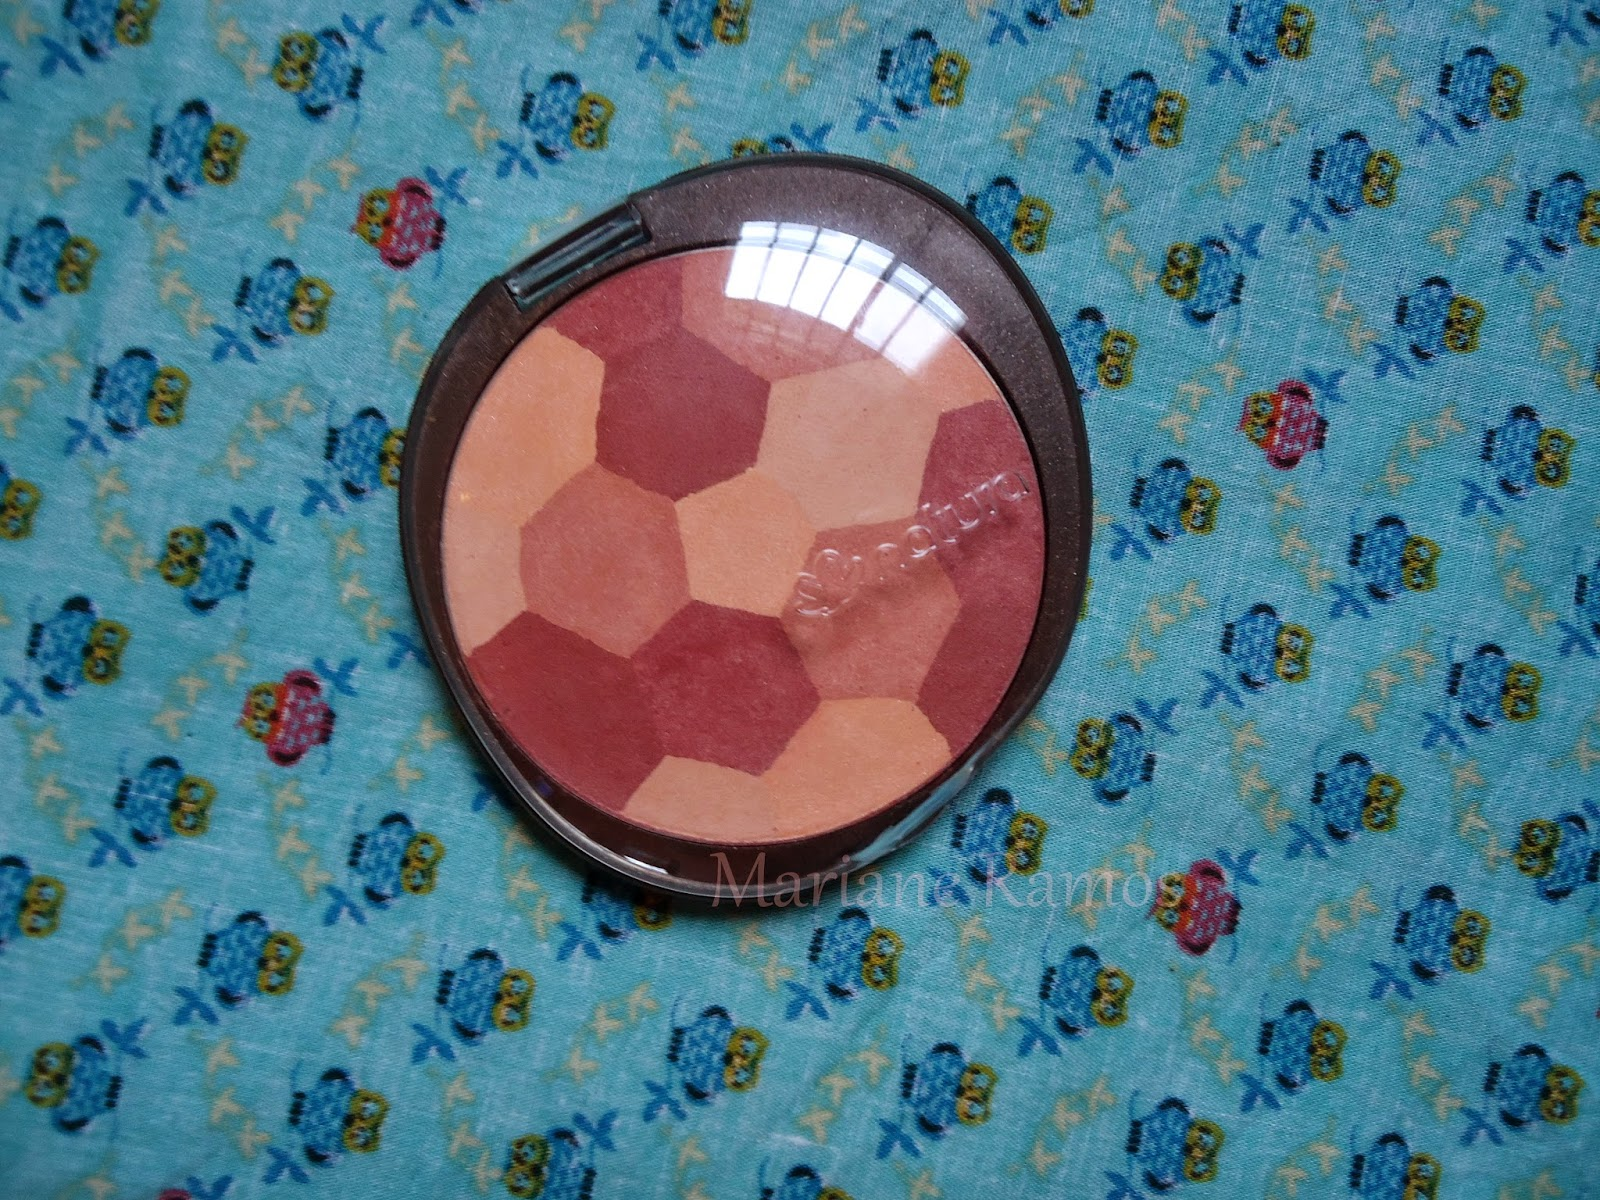 blush mosaico natura aquarela cor rosado